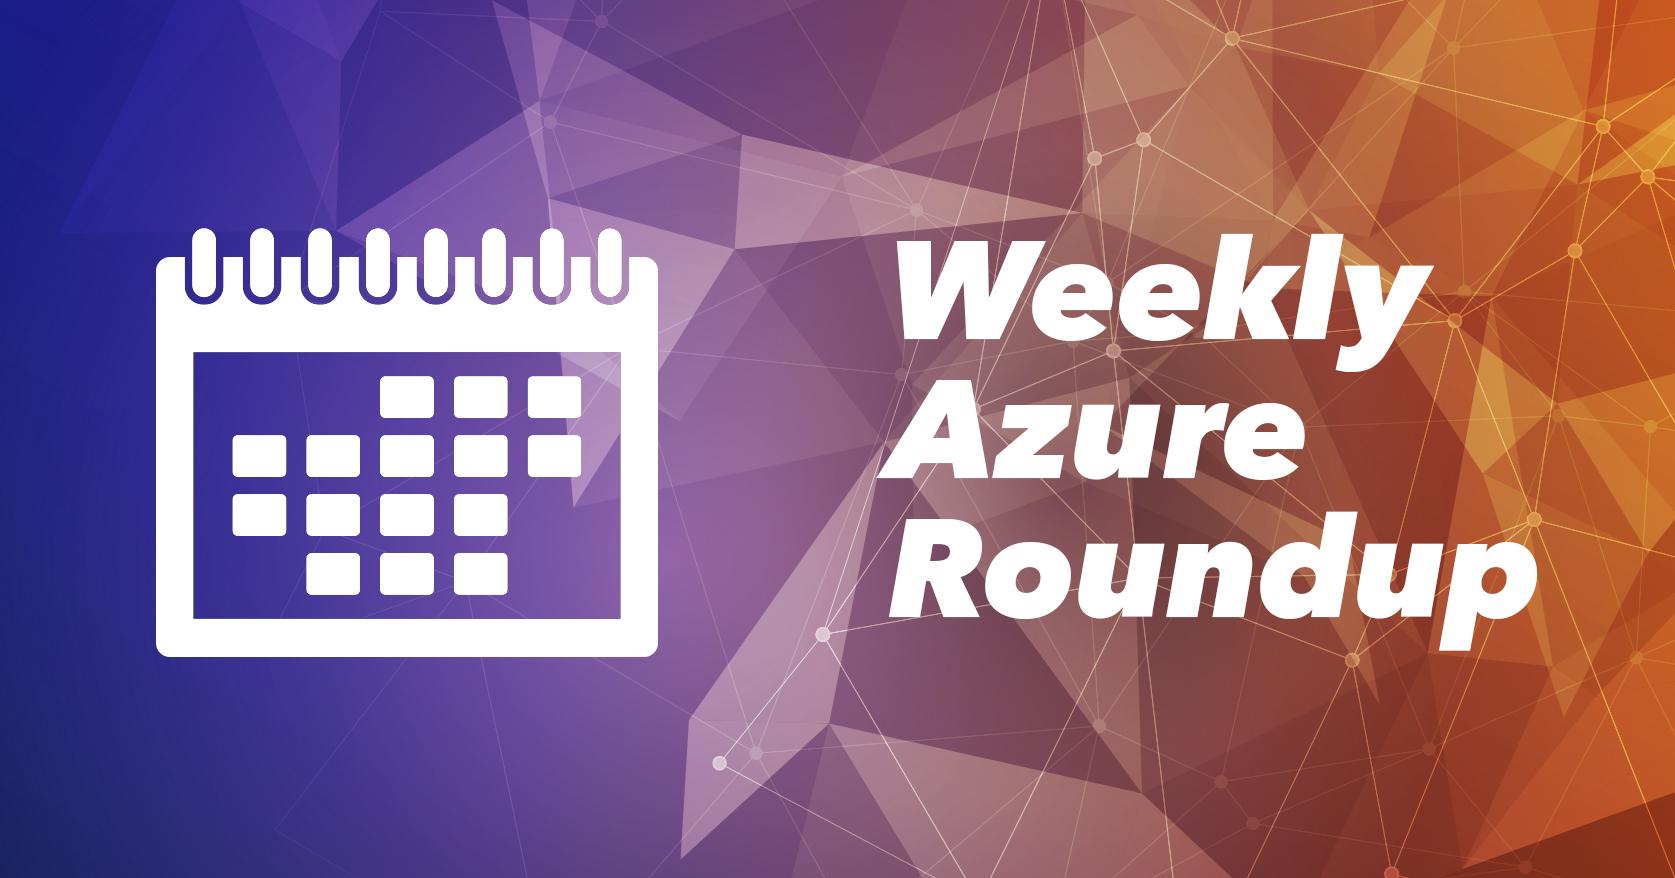 Weekly-Azure-Roundup